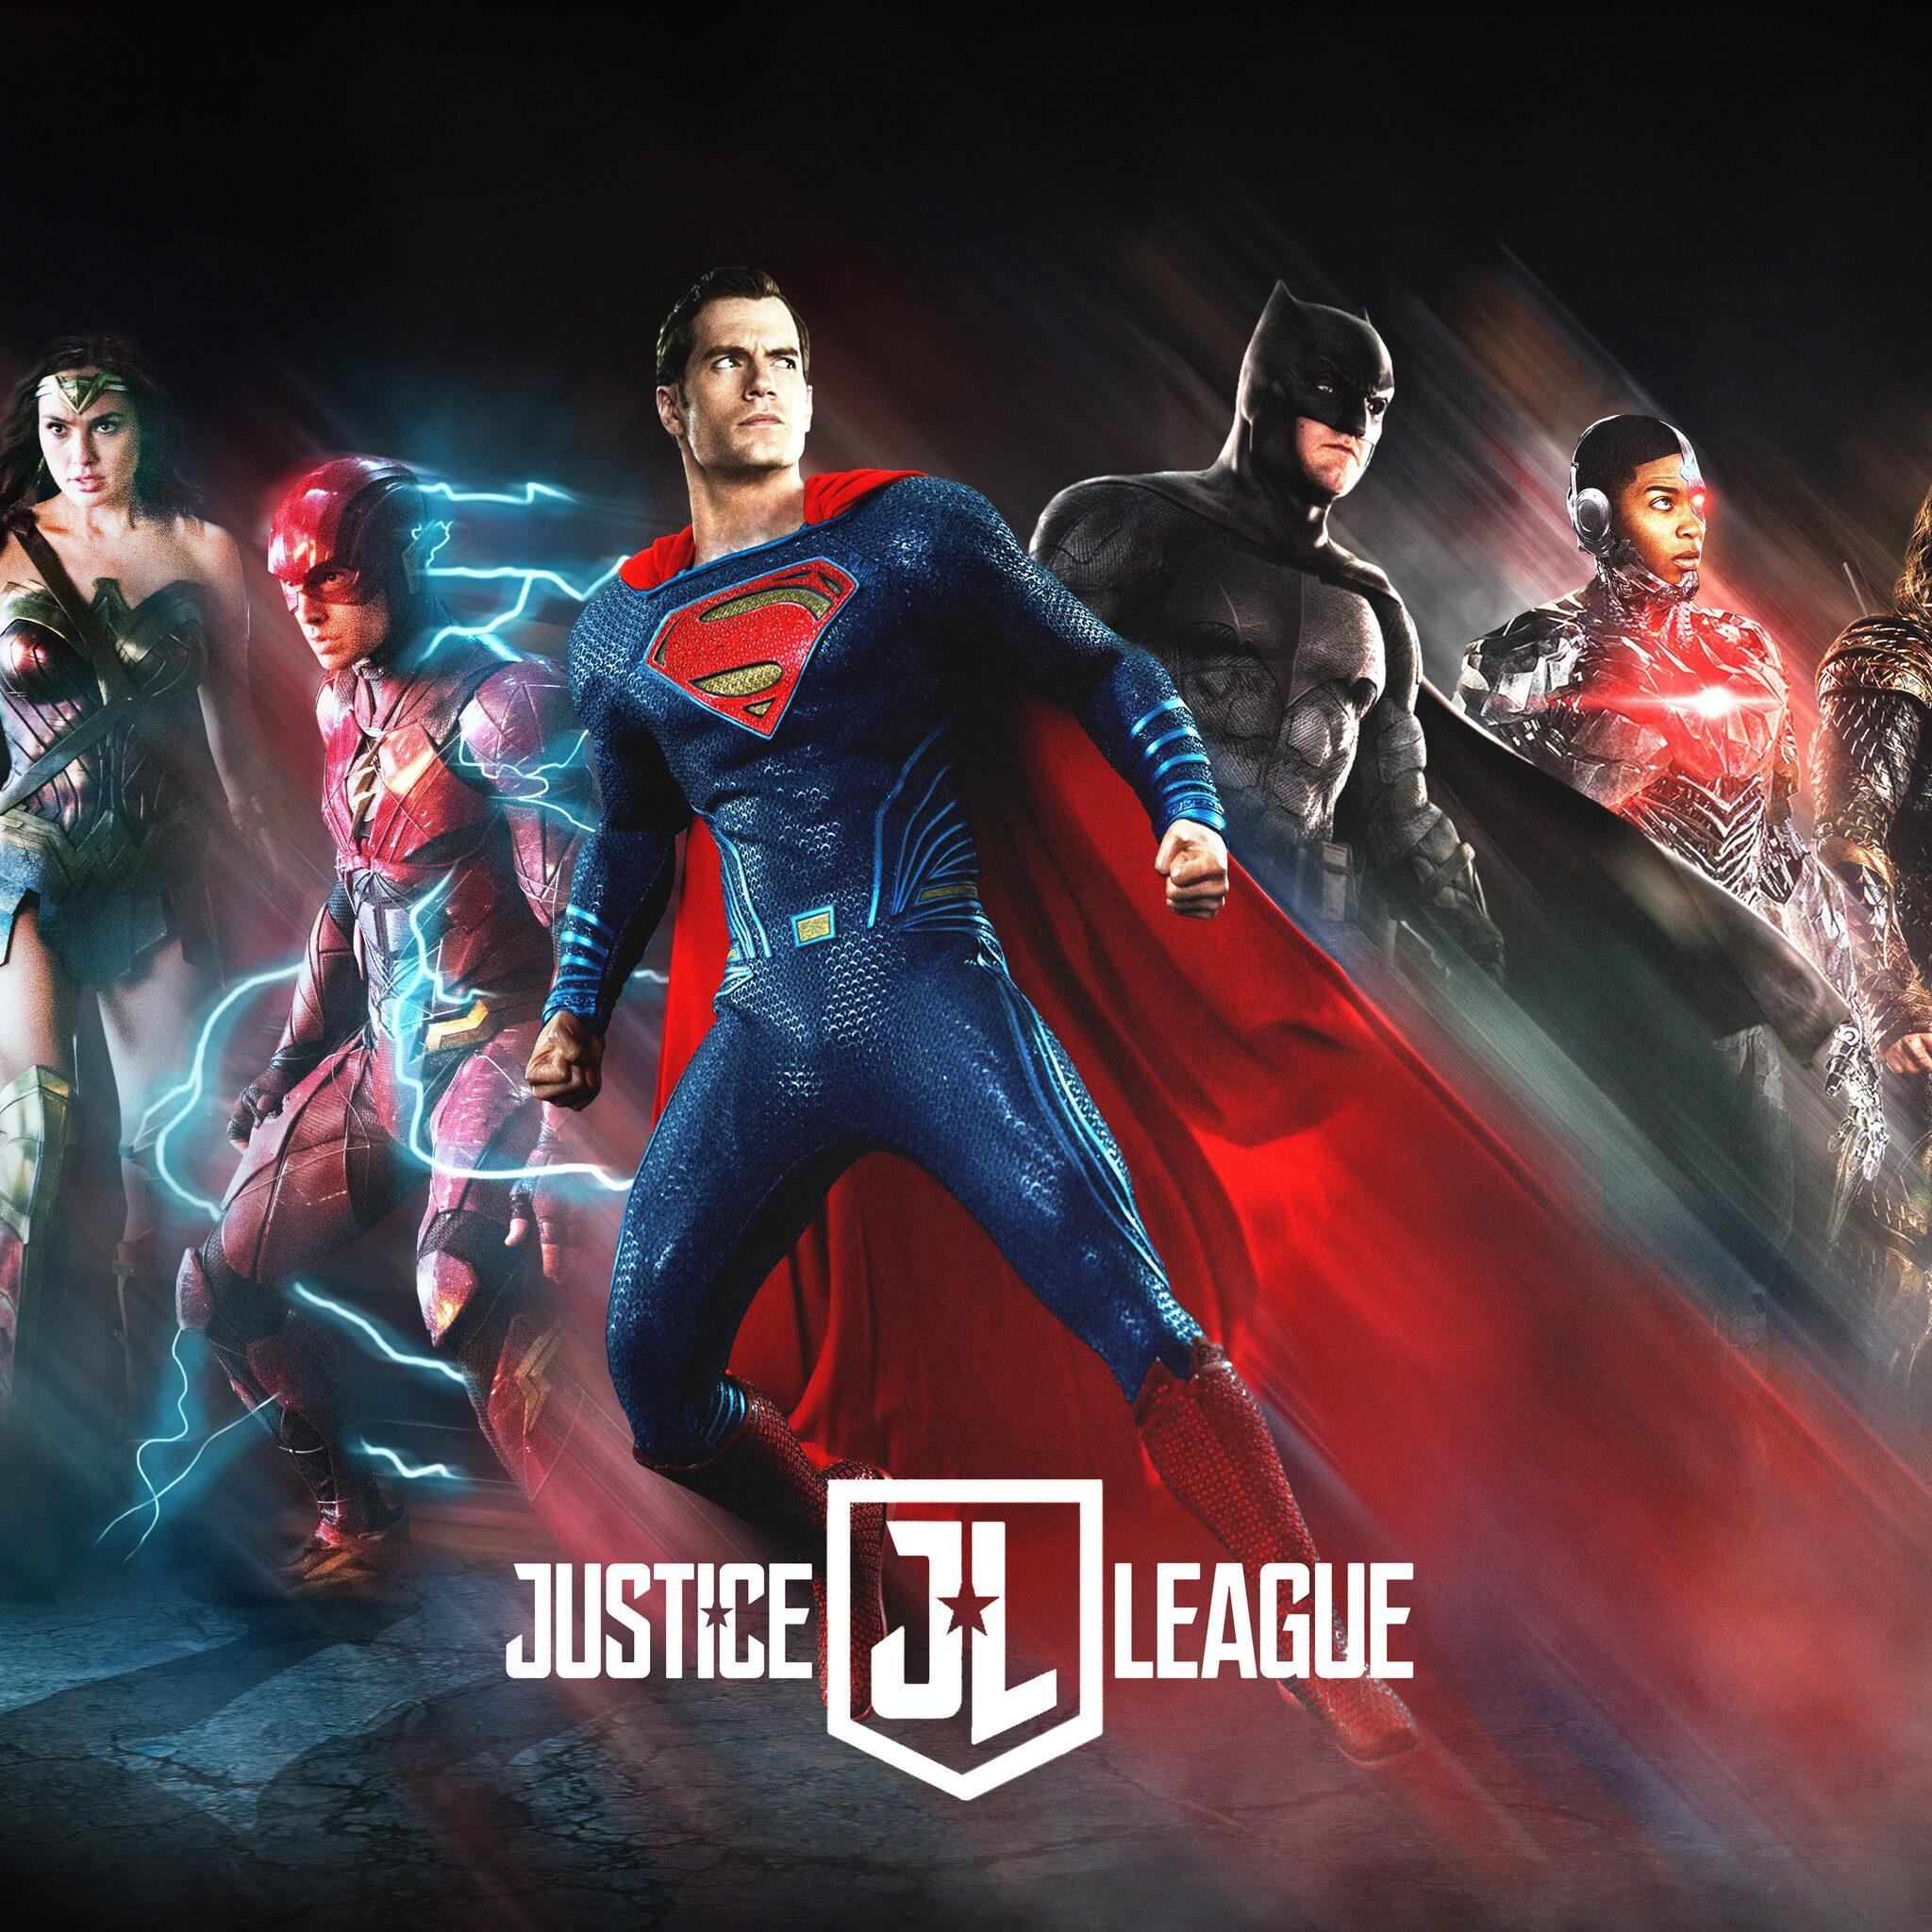 justice-league-fanart-8k-a9.jpg